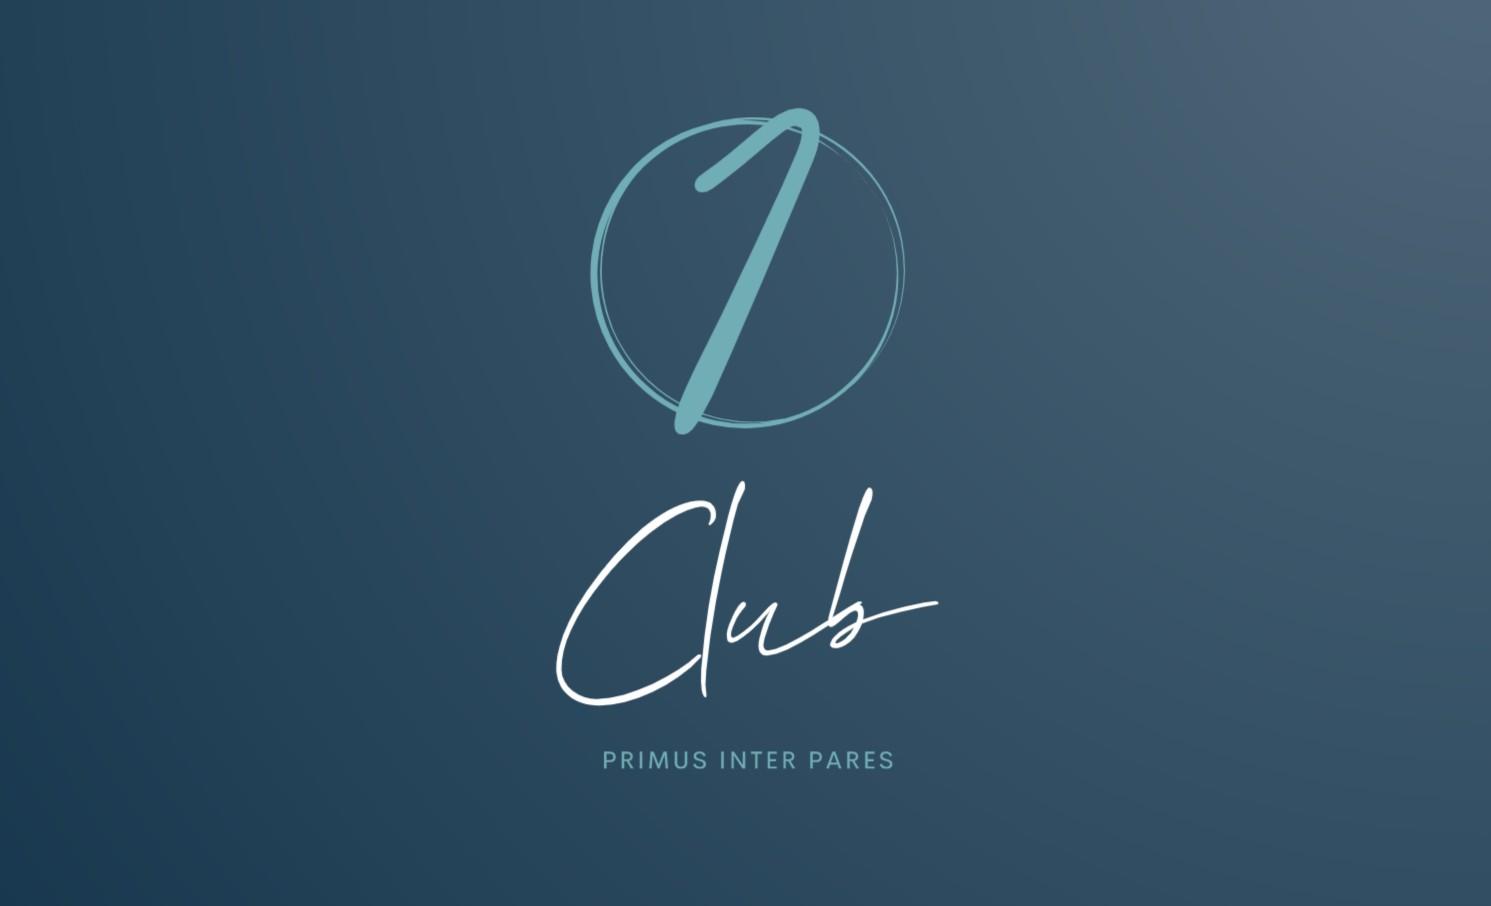 Логотип делового клуба фото f_9205f8878f09ce7e.jpg